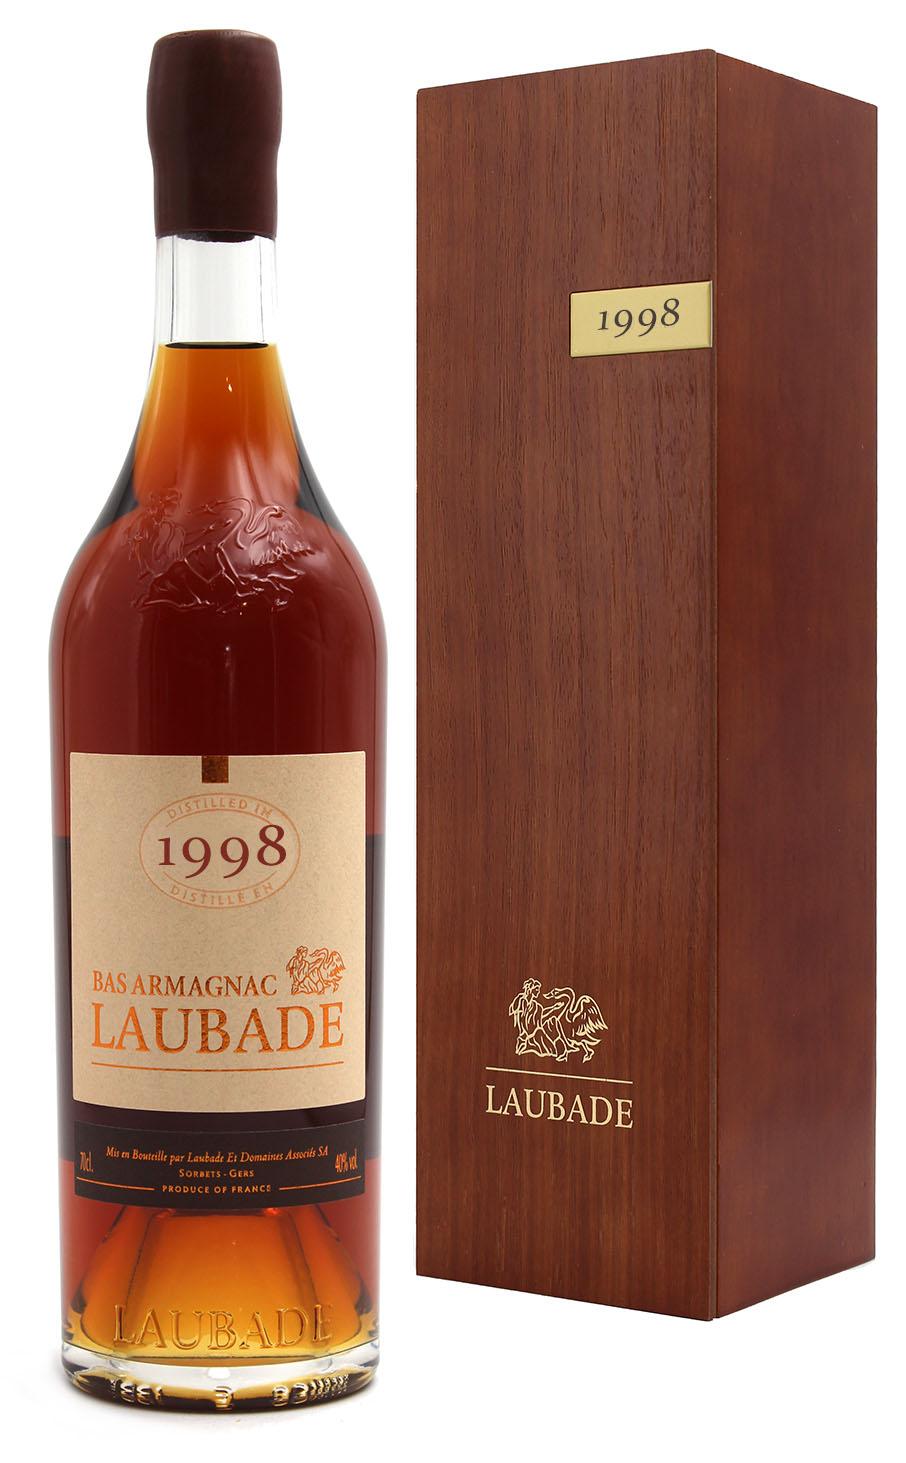 Bas Armagnac Laubade 1998  - 70cl